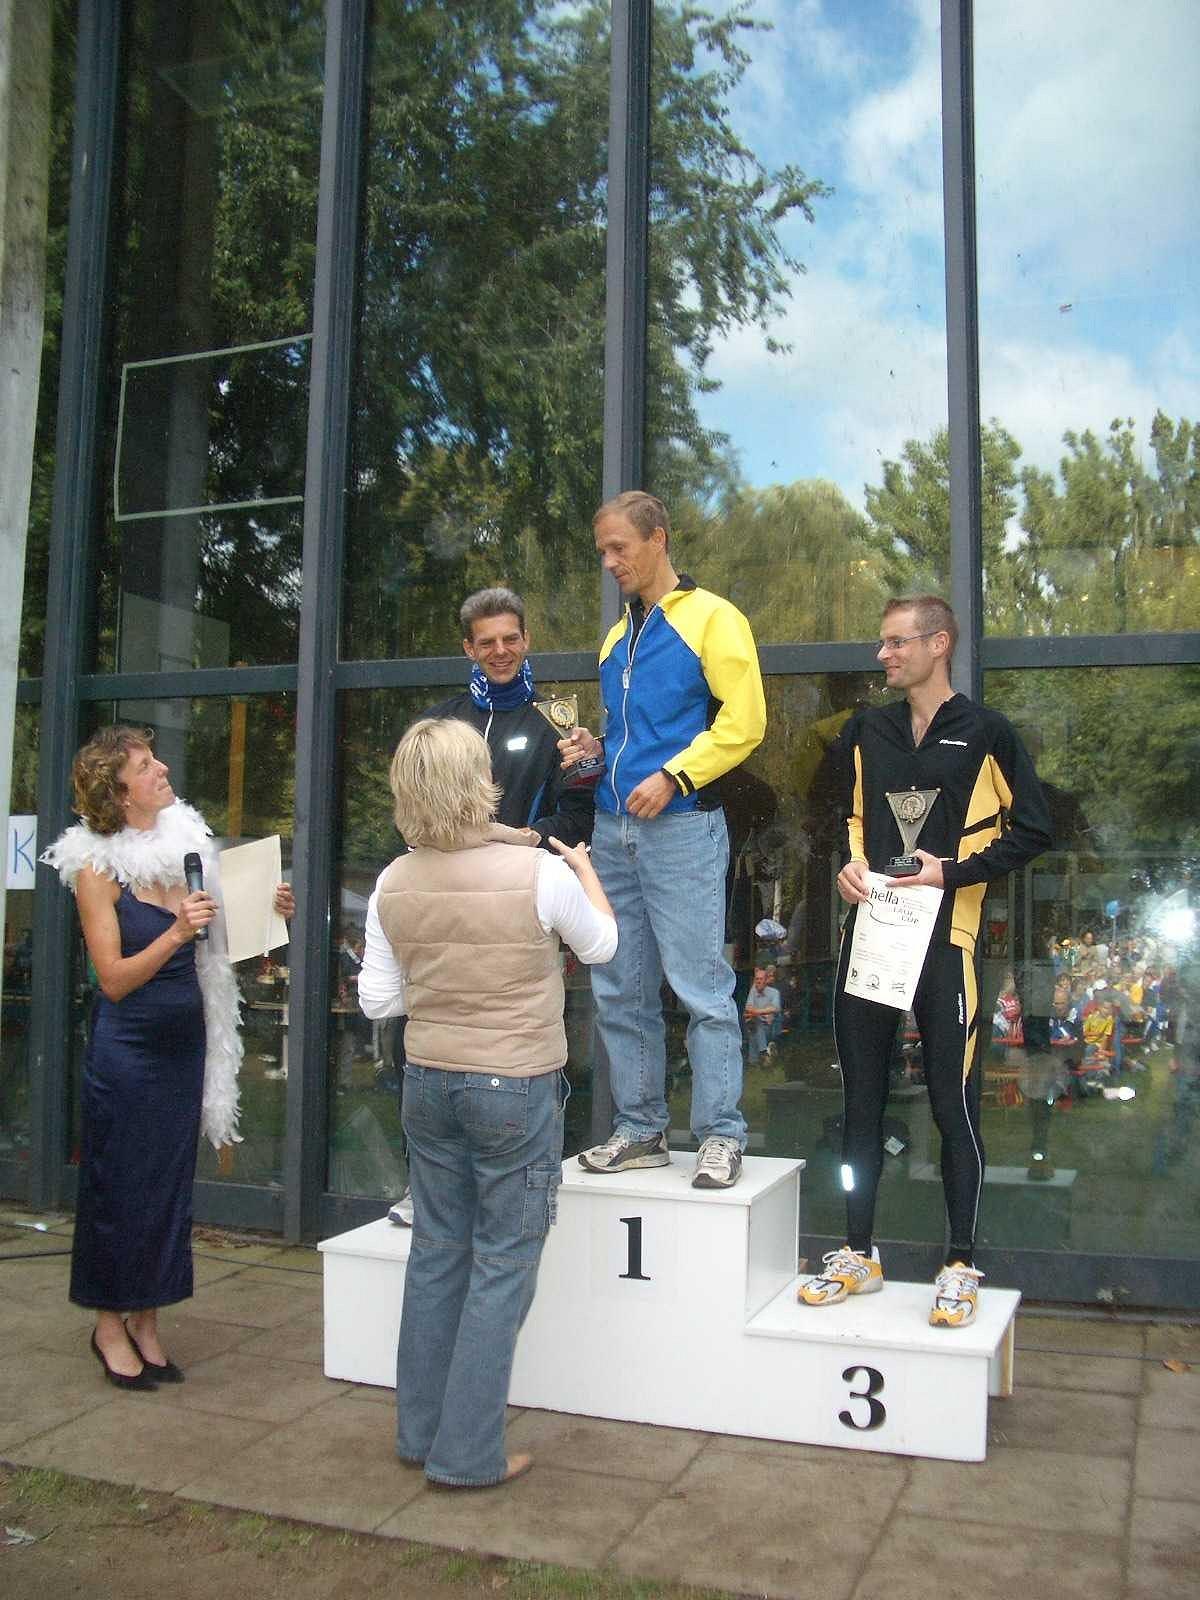 hella Laufcup 2004: Siegerehrung - v.l.n.r.: Markus Cofalla, Thomas Hansen, Heiko Herkel. Mit freundlicher Genehmigung von hella / hansa Mineralbrunnen GmbH